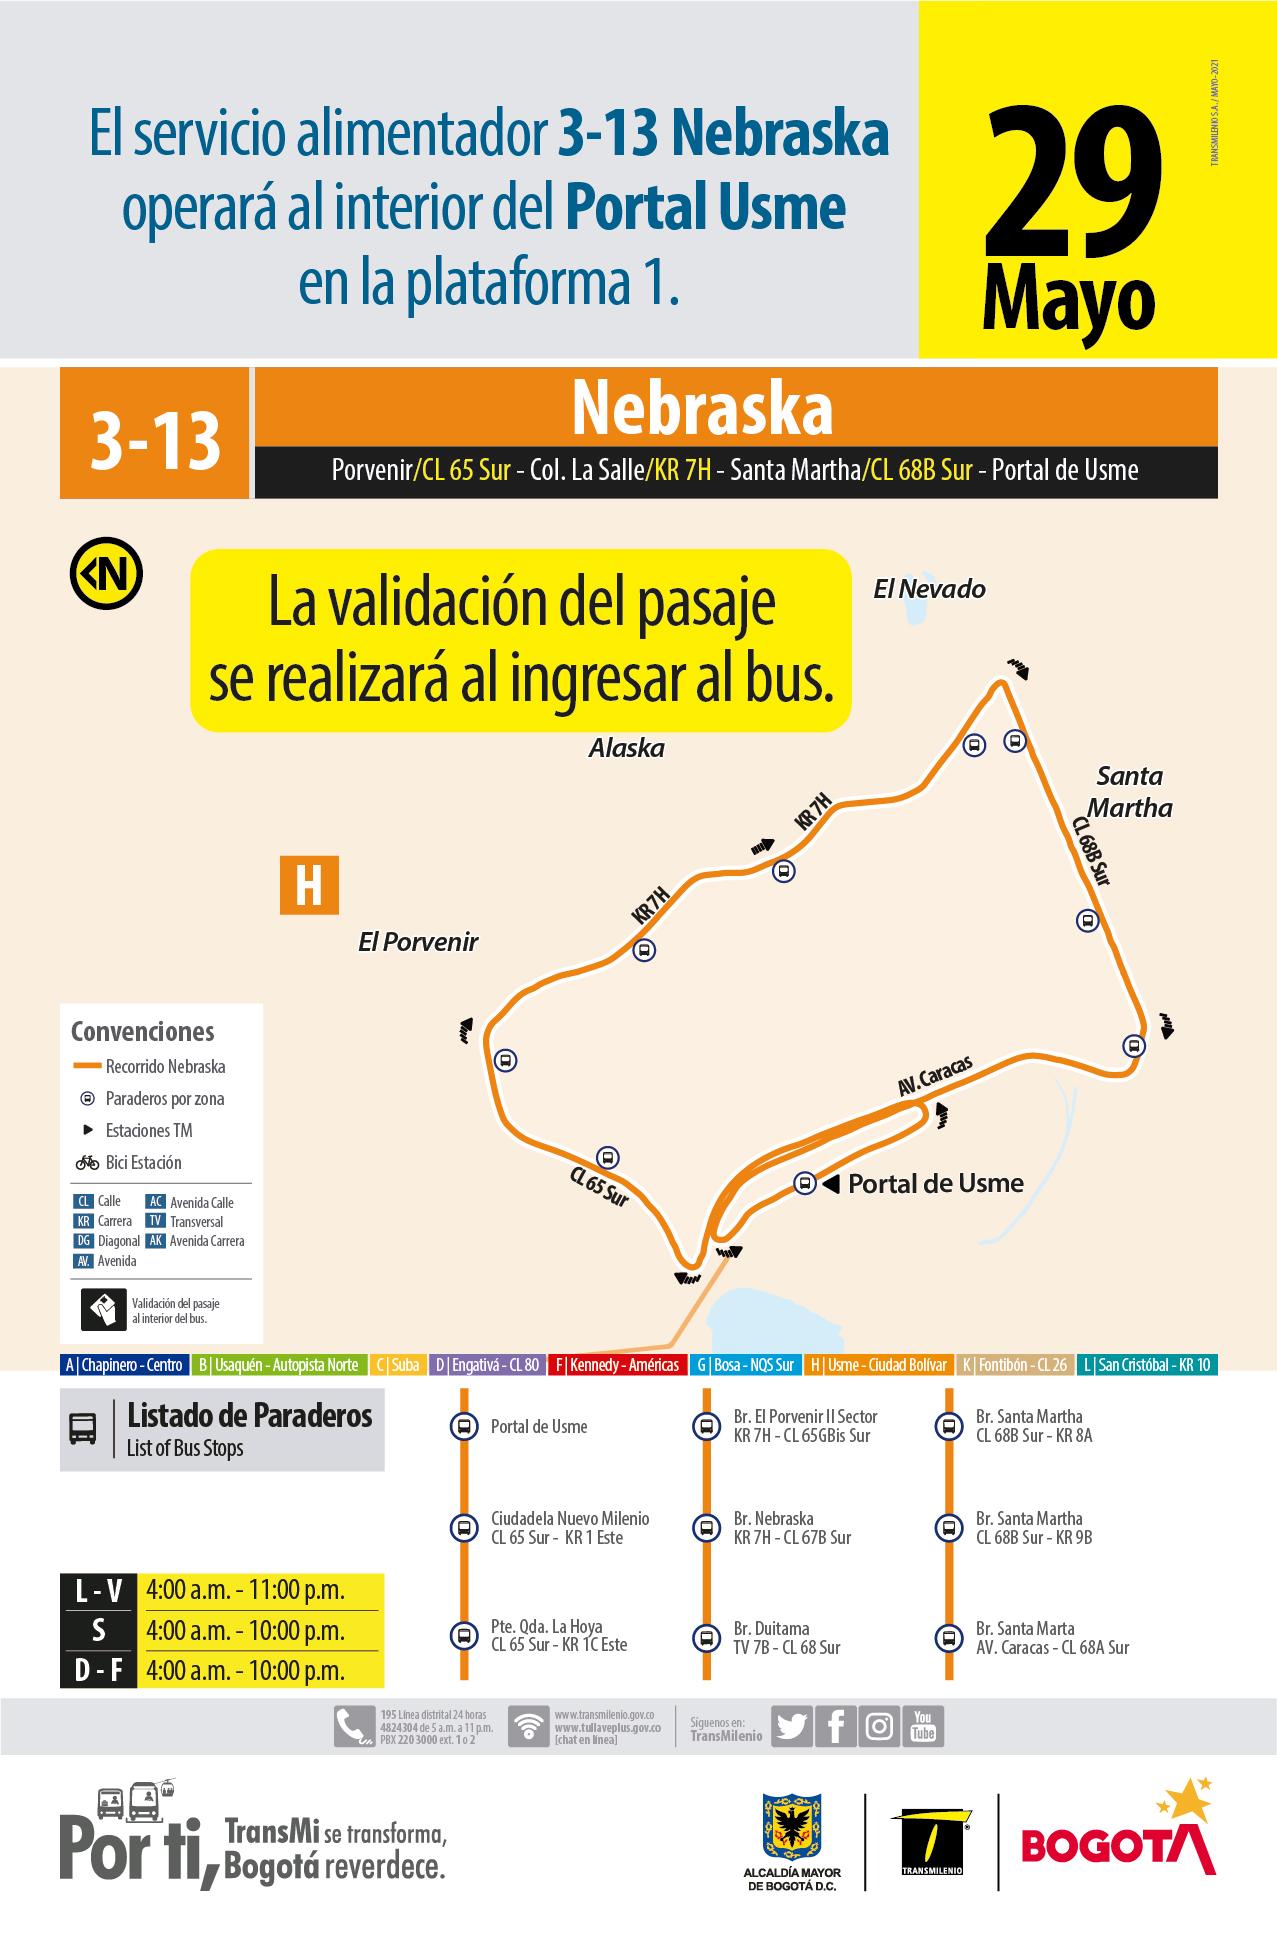 3-13 Nebraska